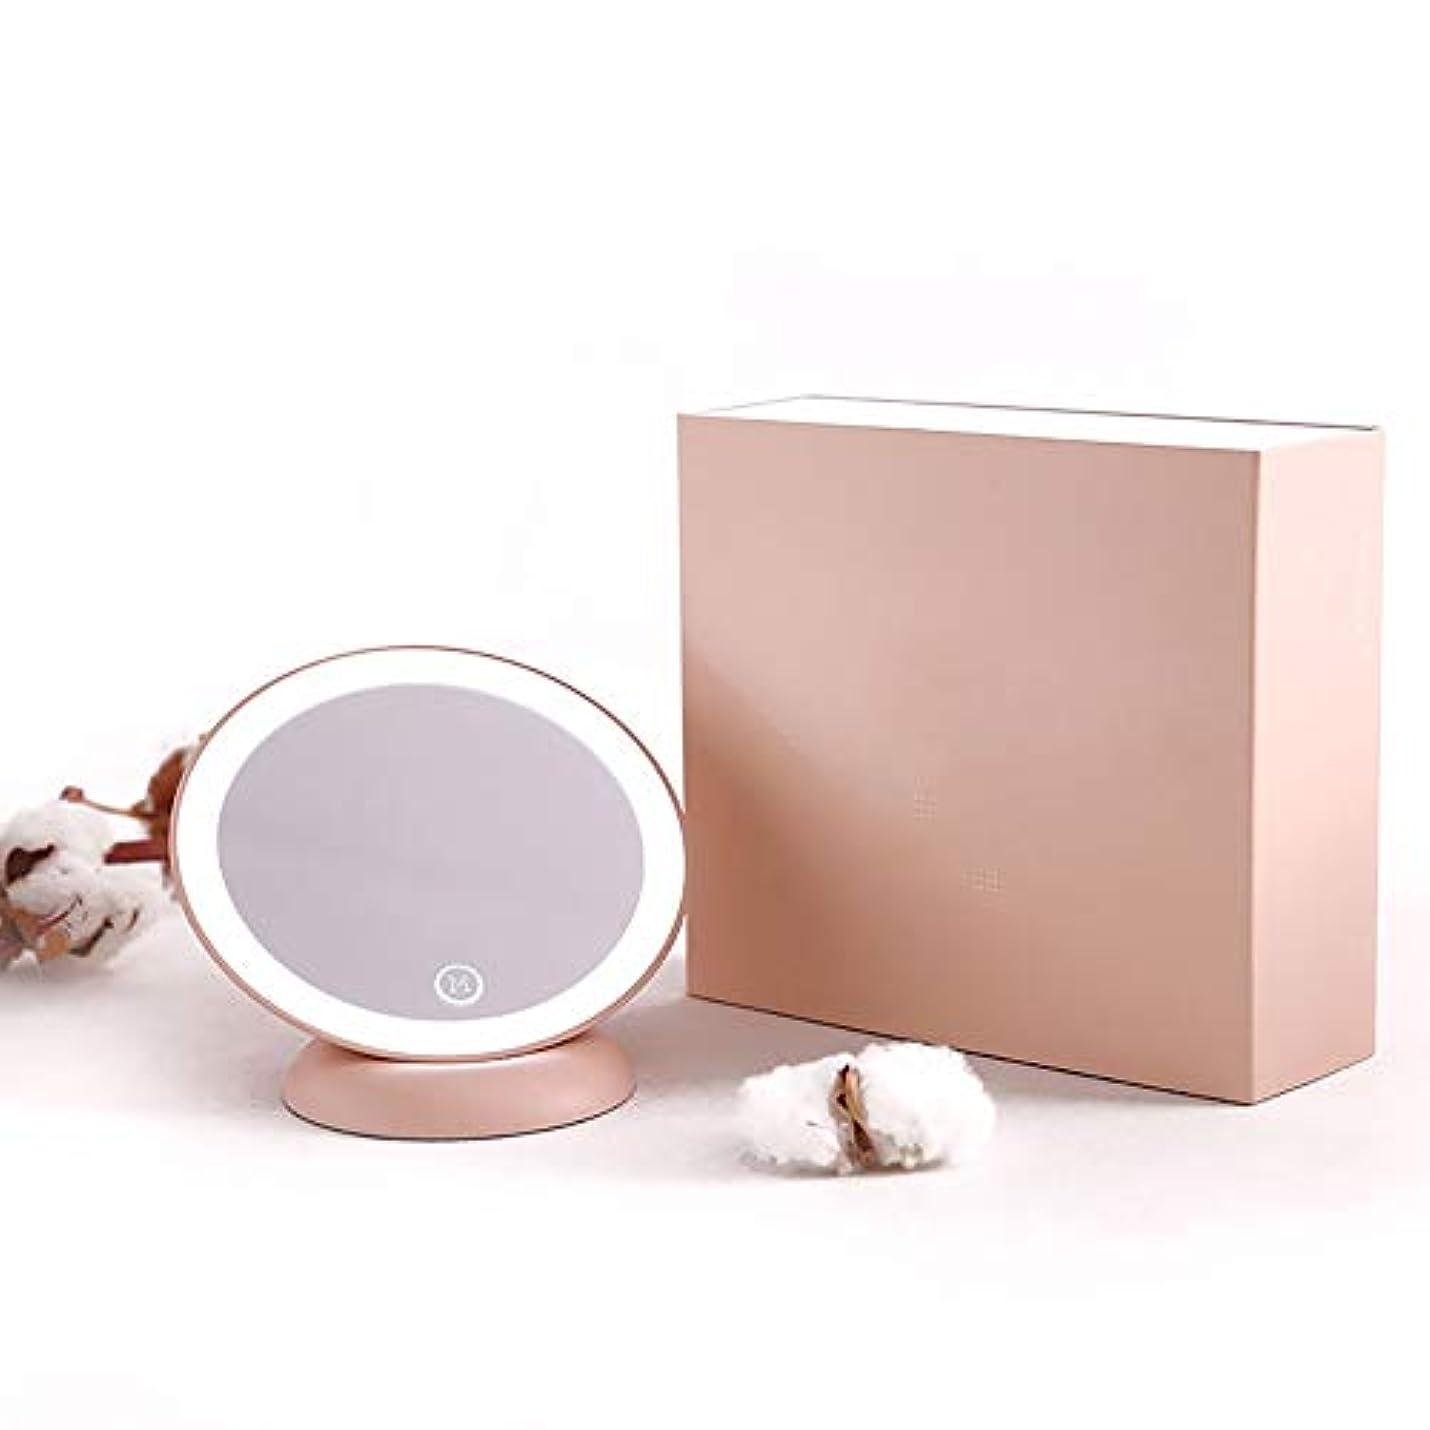 最も遠いしっかり代わりの流行の 磁石を運ぶ創造的なライト360度回転ピンク1200mAh化粧鏡